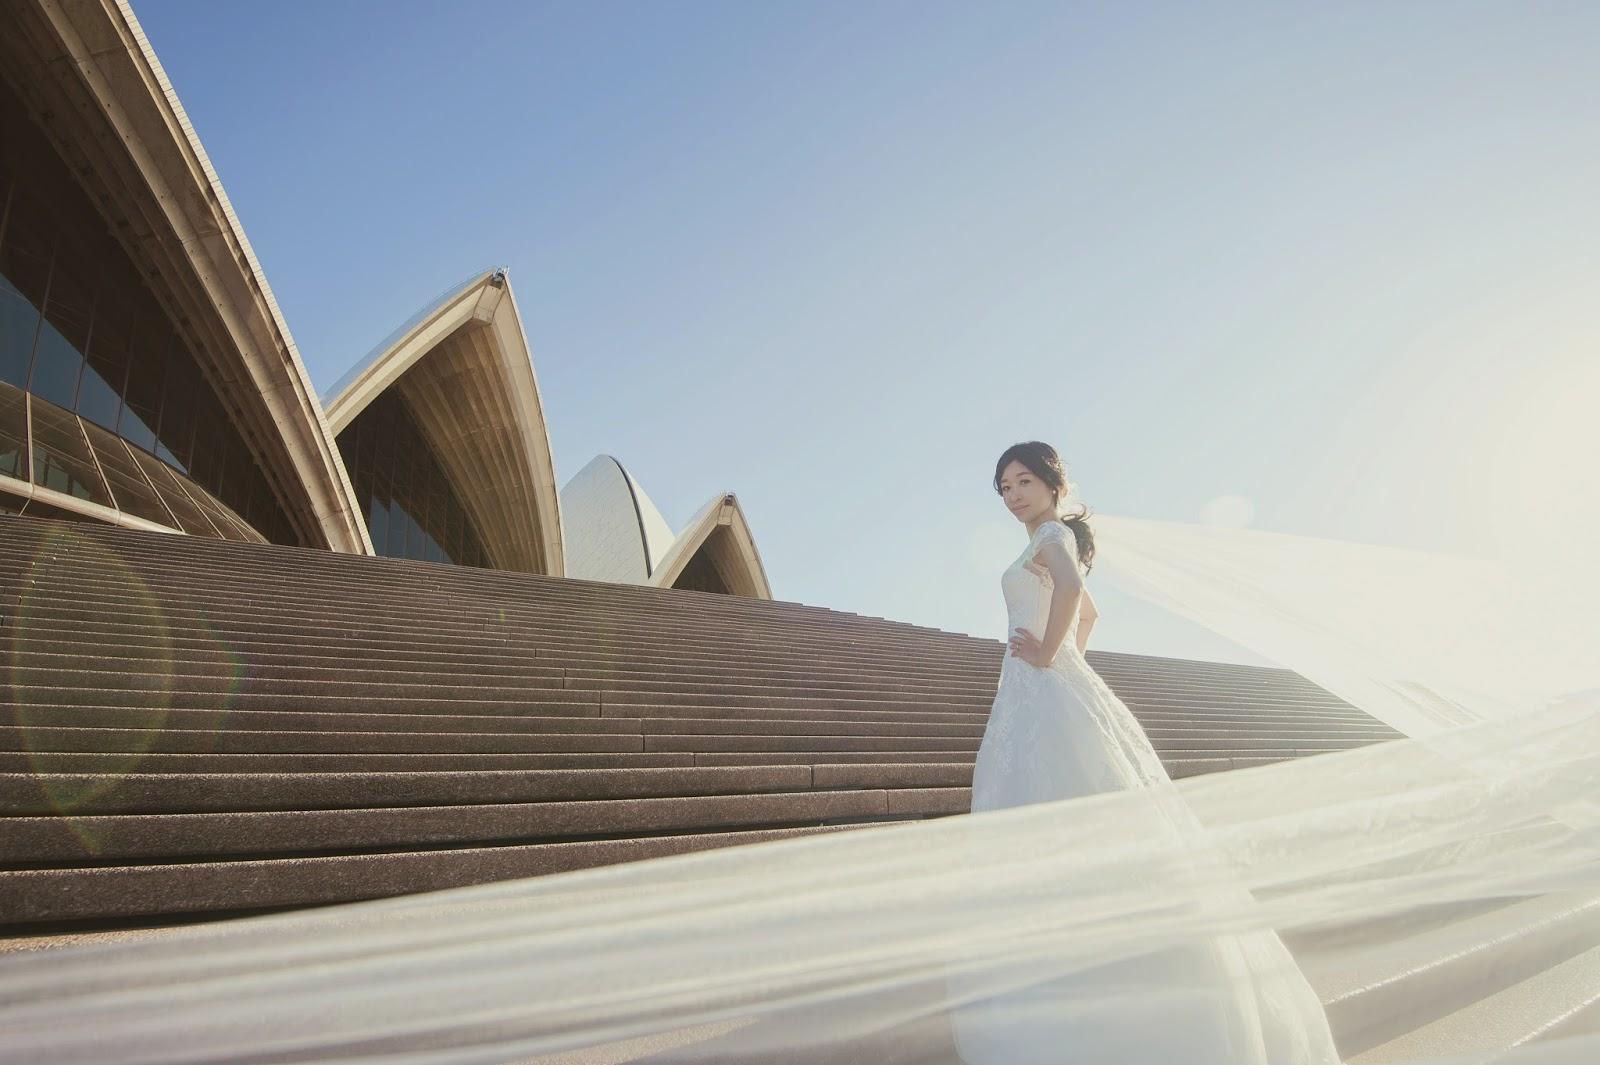 台中新秘, 自助婚紗, 海外婚紗, 新娘秘書, 新娘髮型, 新秘, 新秘阿桂Dabby, 新秘推薦, 澳洲雪梨, 澳洲海外婚紗,